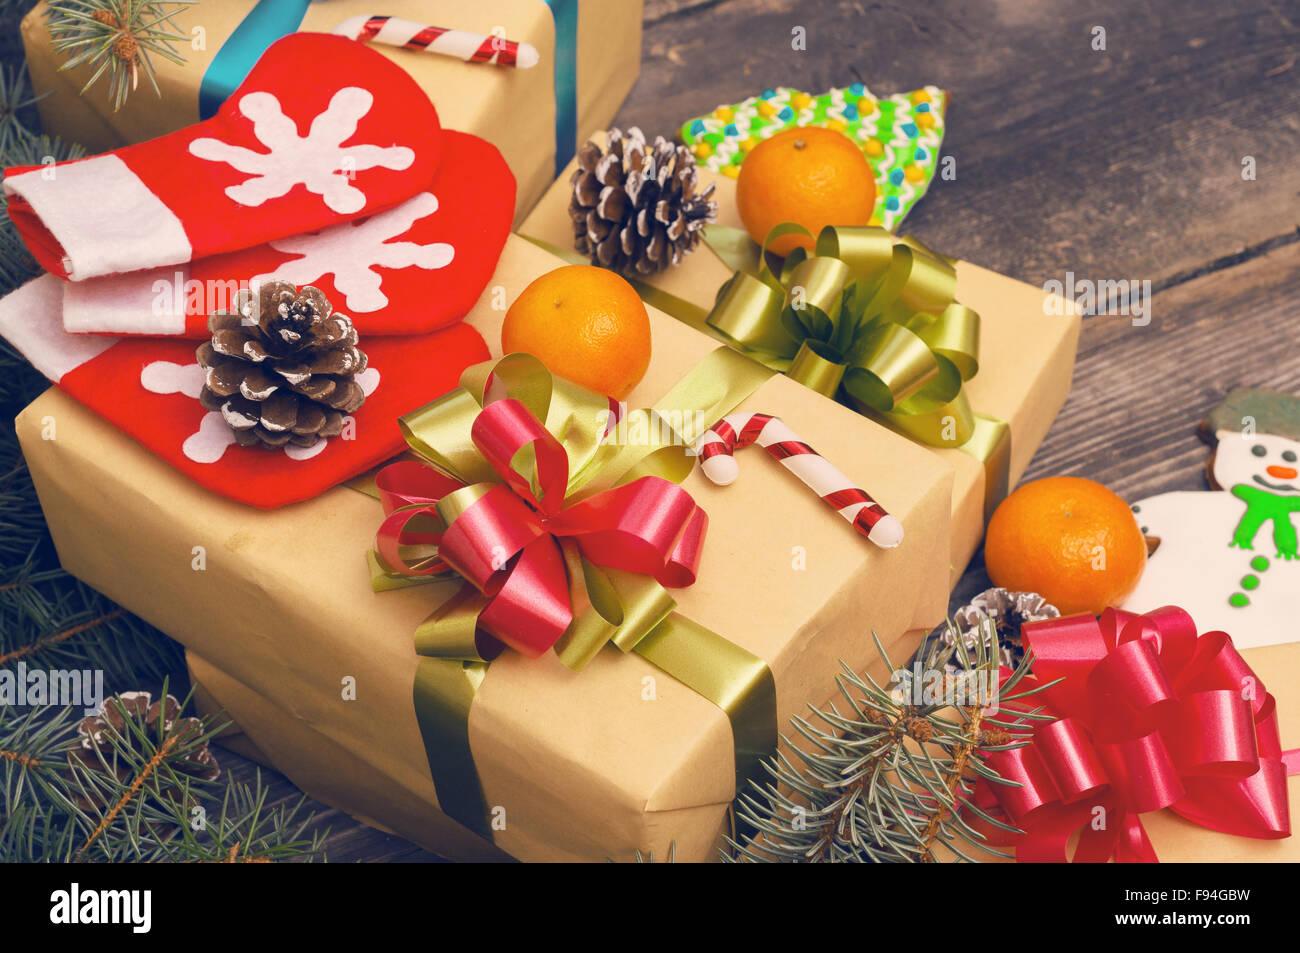 Weihnachten-Vintage-Hintergründe Stockbild